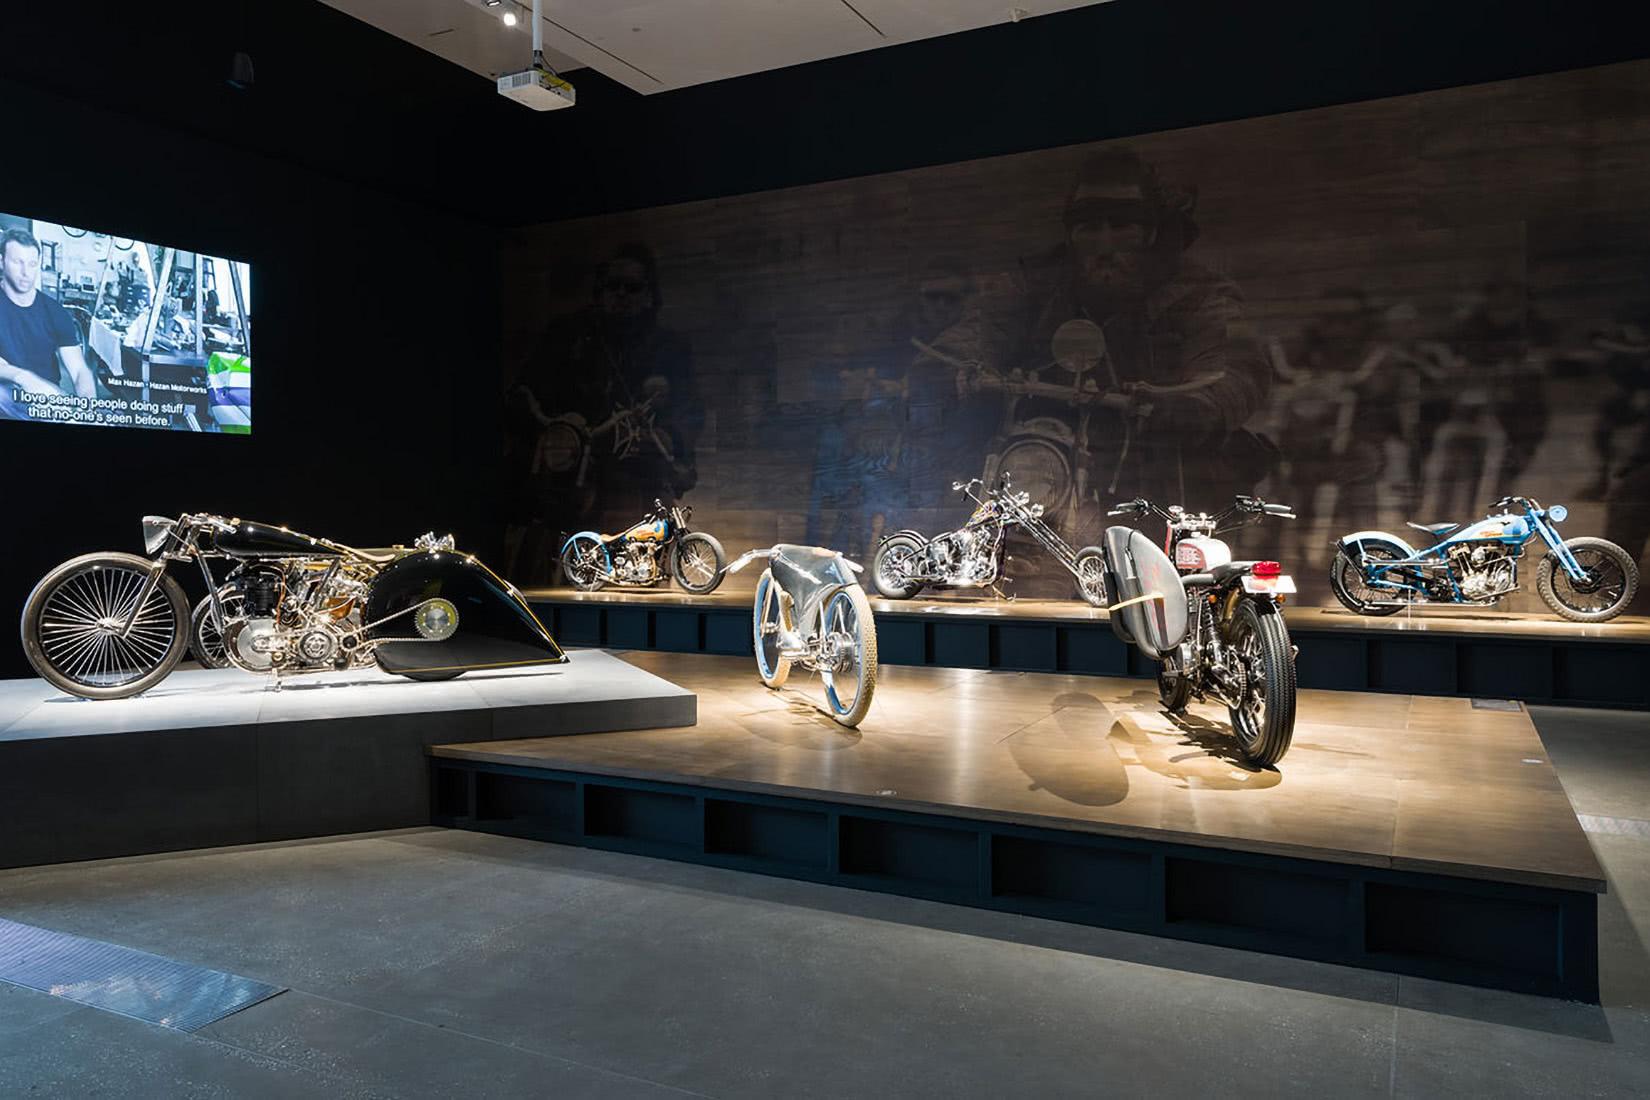 best custom motorcycle builder deus ex machina shop review - Luxe Digital